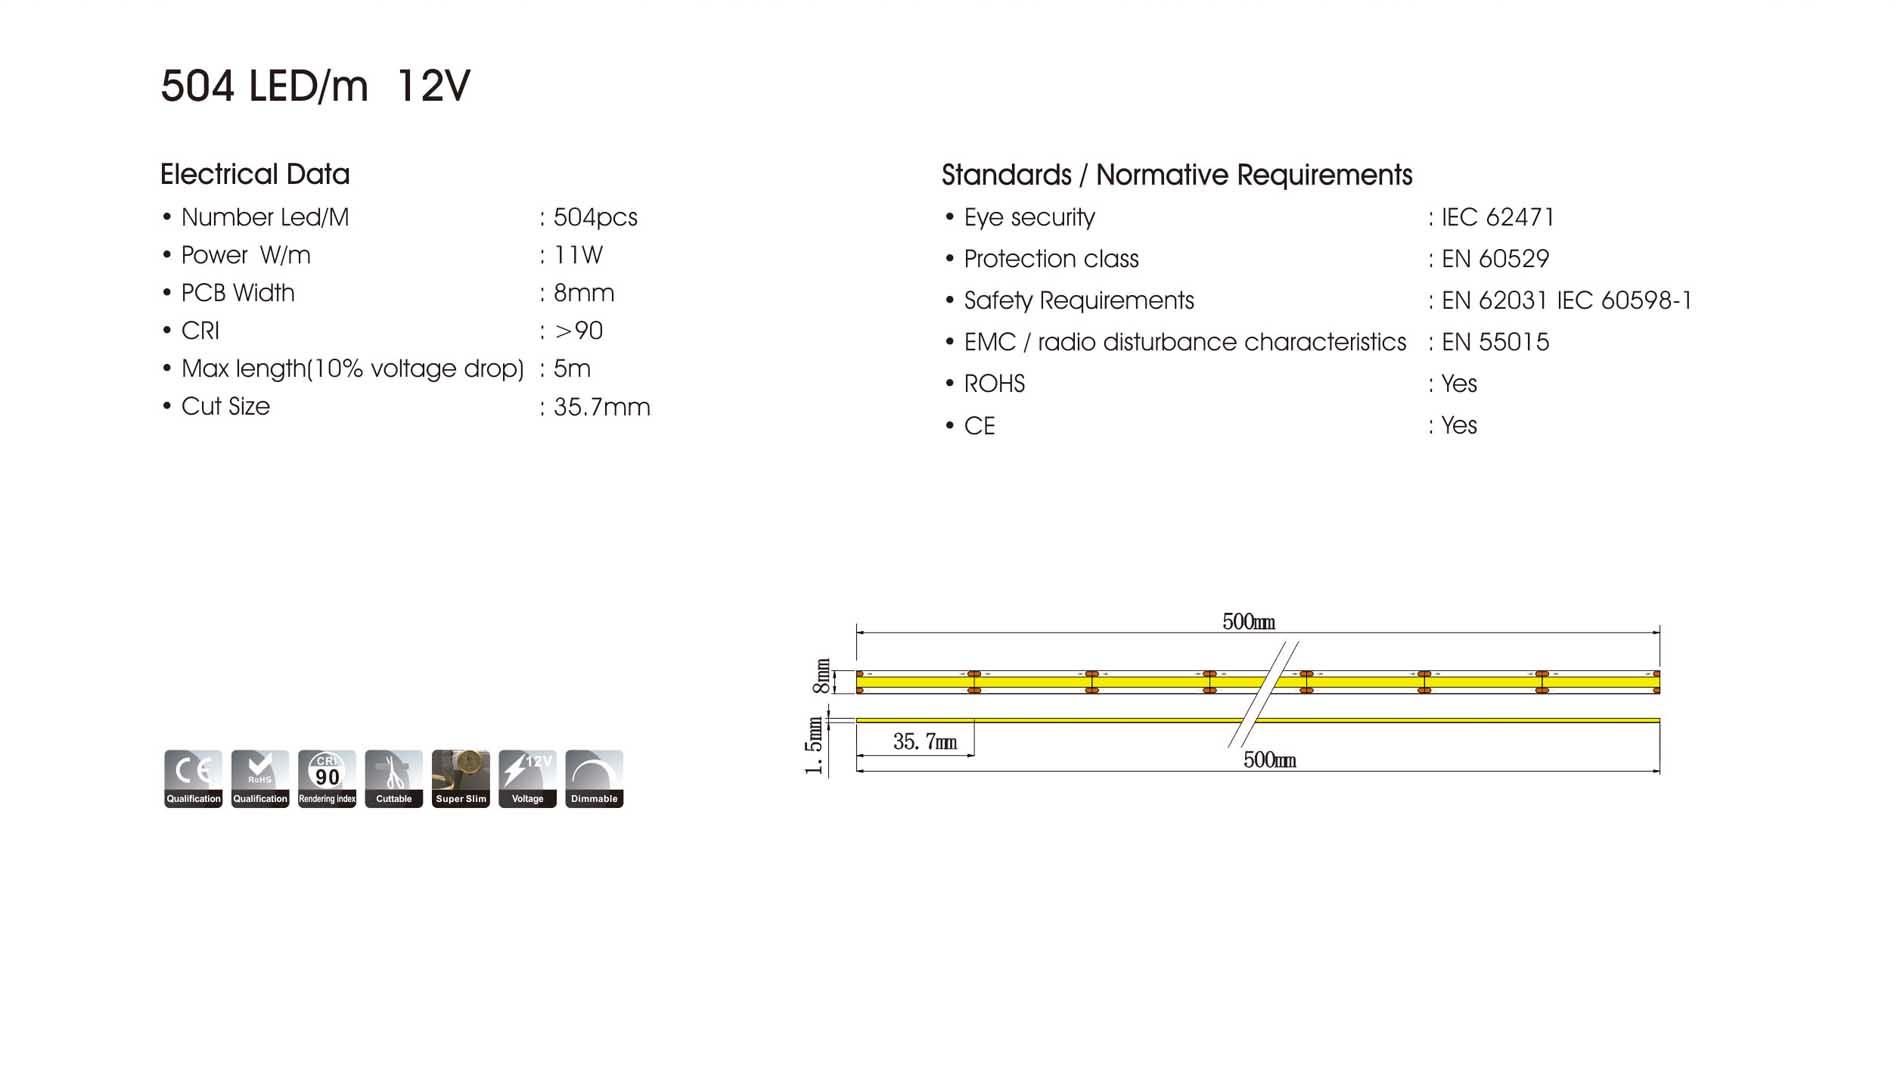 cob 504led/m 12v led strip